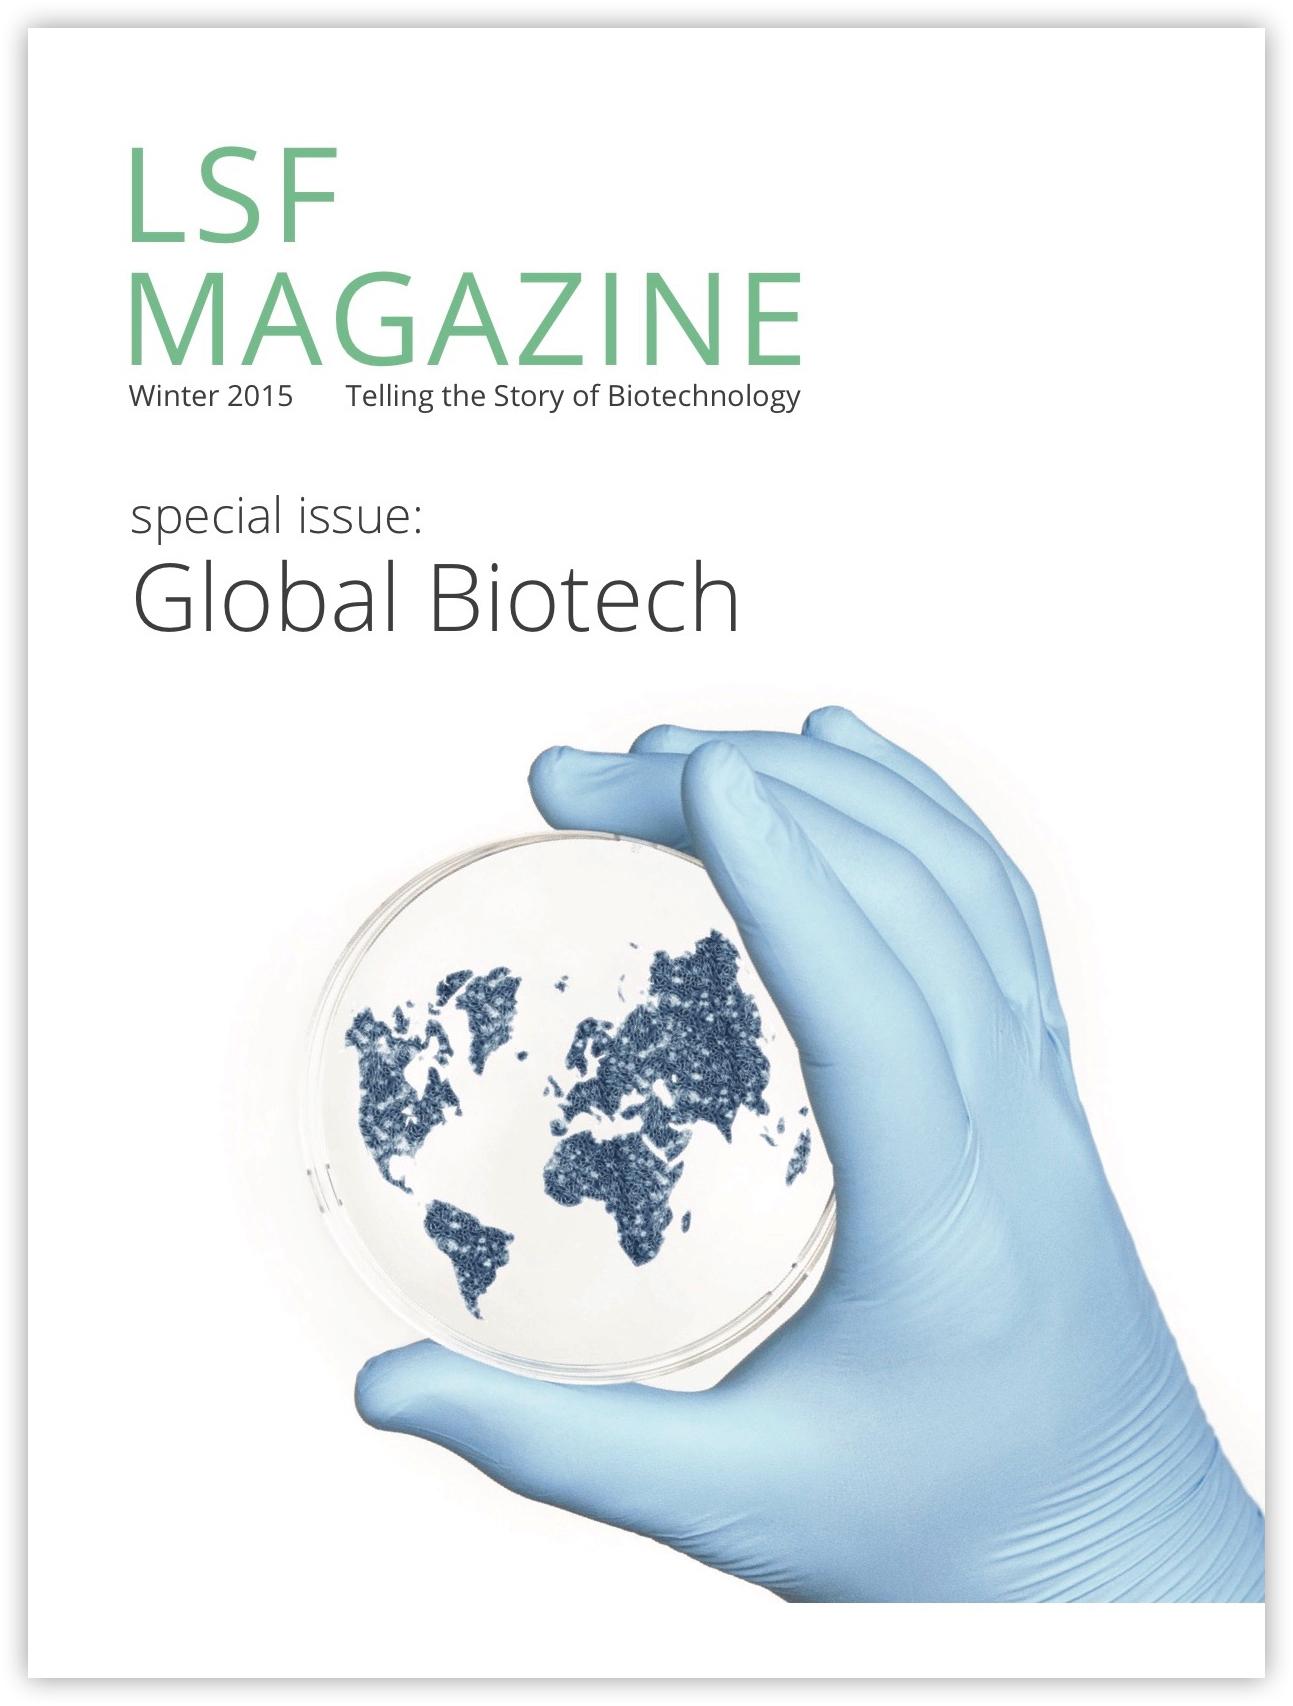 Global Biotech drop shadow.jpg